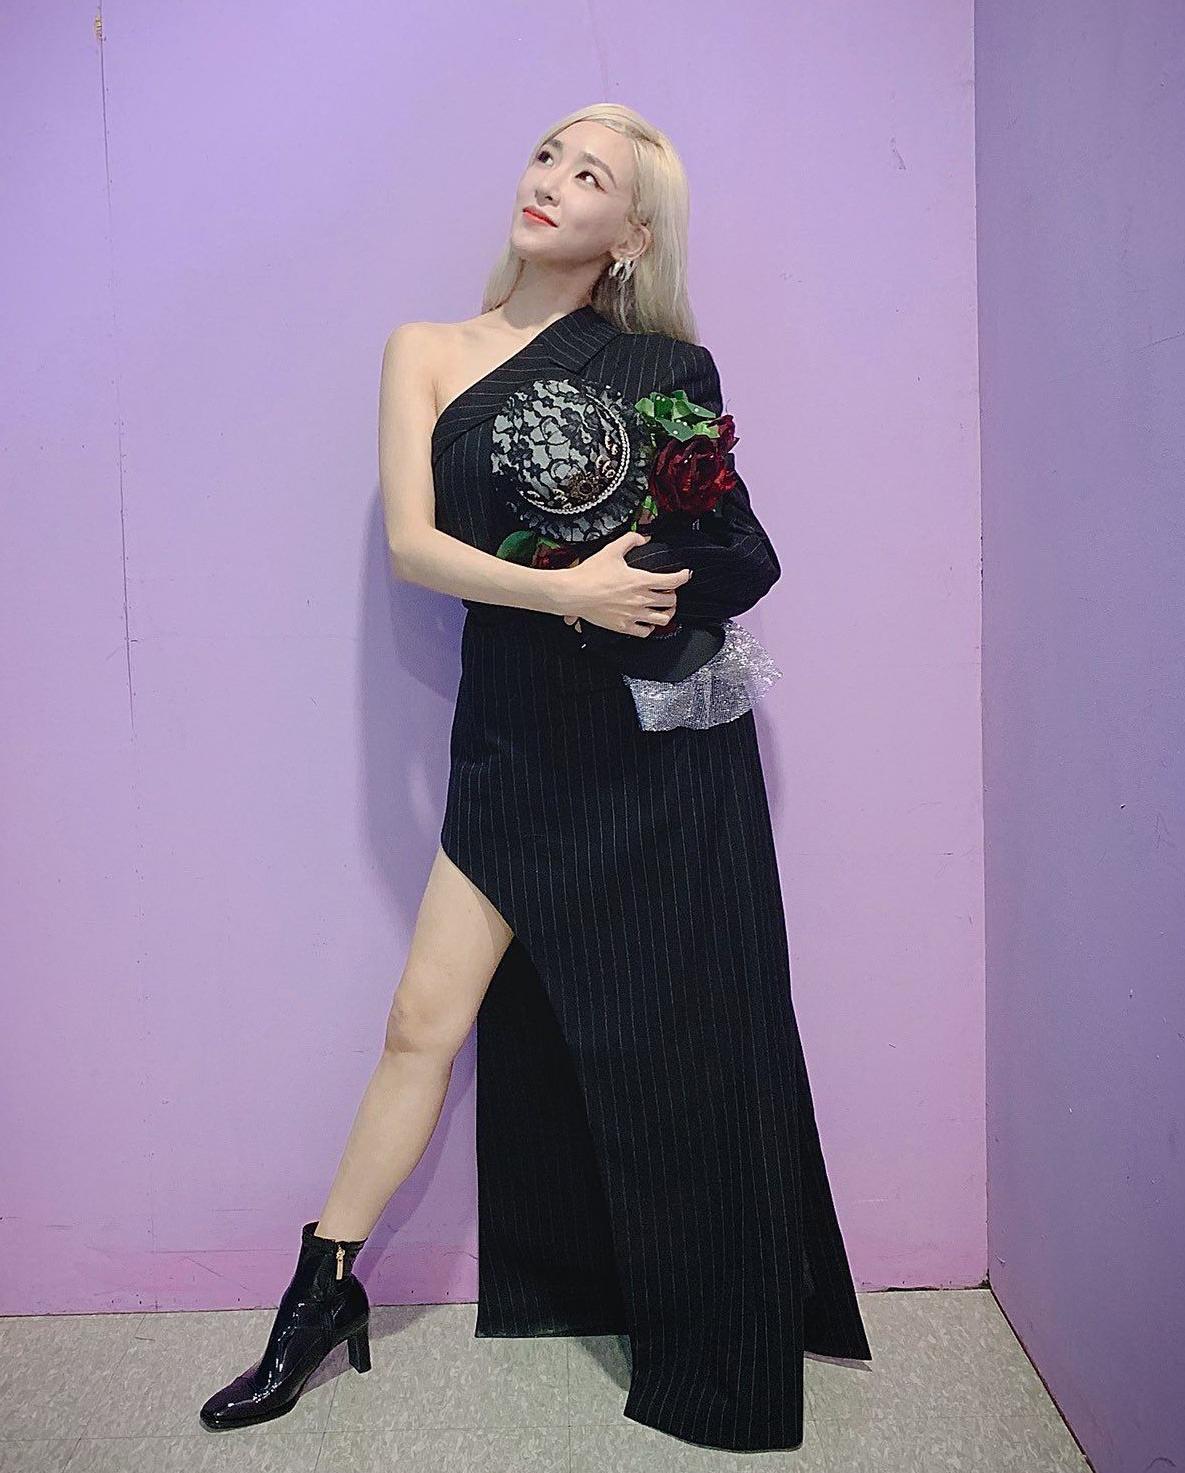 Mẫu váy thiết kế lệch vai đặc biệt lấy cảm hứng từ áo vest nam của nhà mốt Kimhekim được Tiffany kết hợp với boots đen cổ cao, tạo sự đồng điệu cho outfit của mình.